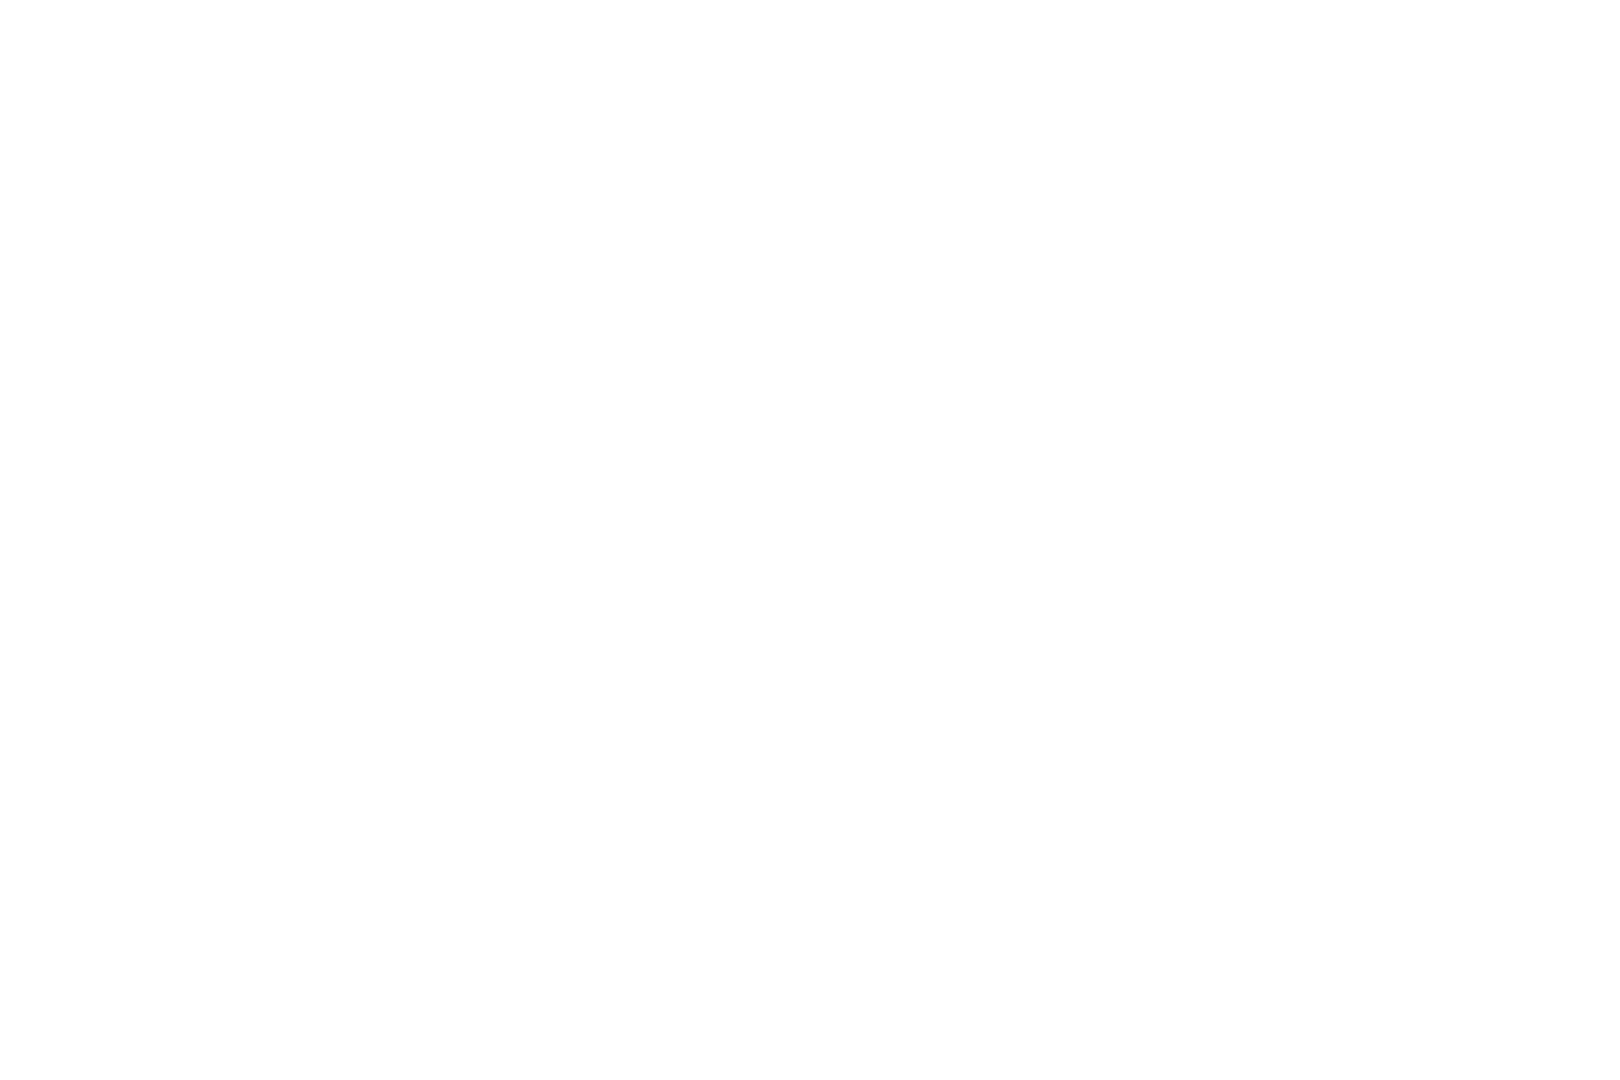 充血監督の深夜の運動会Vol.8 チクビ オマンコ無修正動画無料 106画像 29